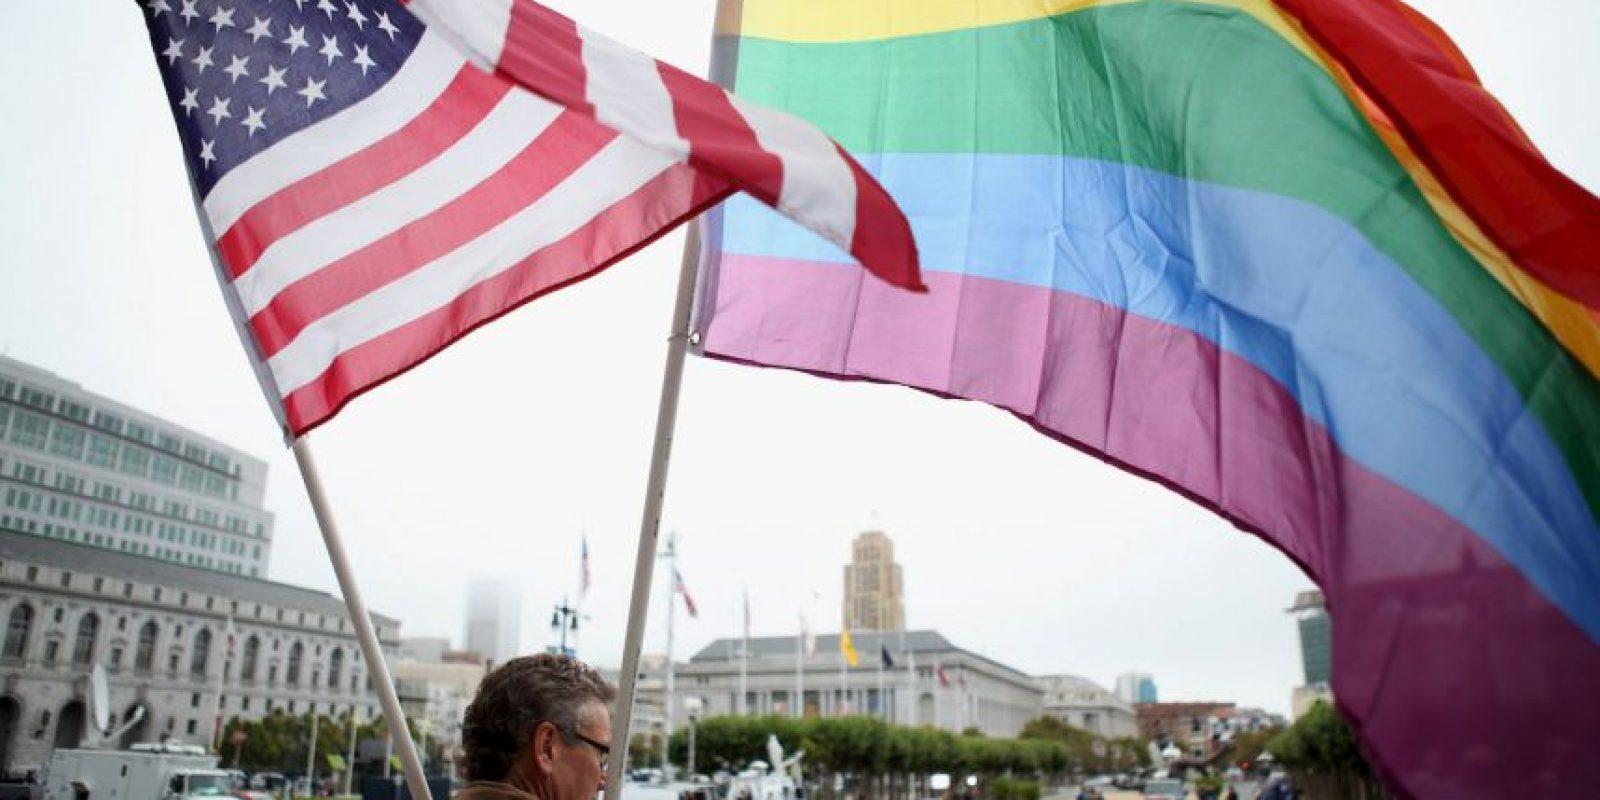 El matrimonio entre personas del mismo sexo se aprobó en Sudáfrica en 2006. Foto:Getty Images